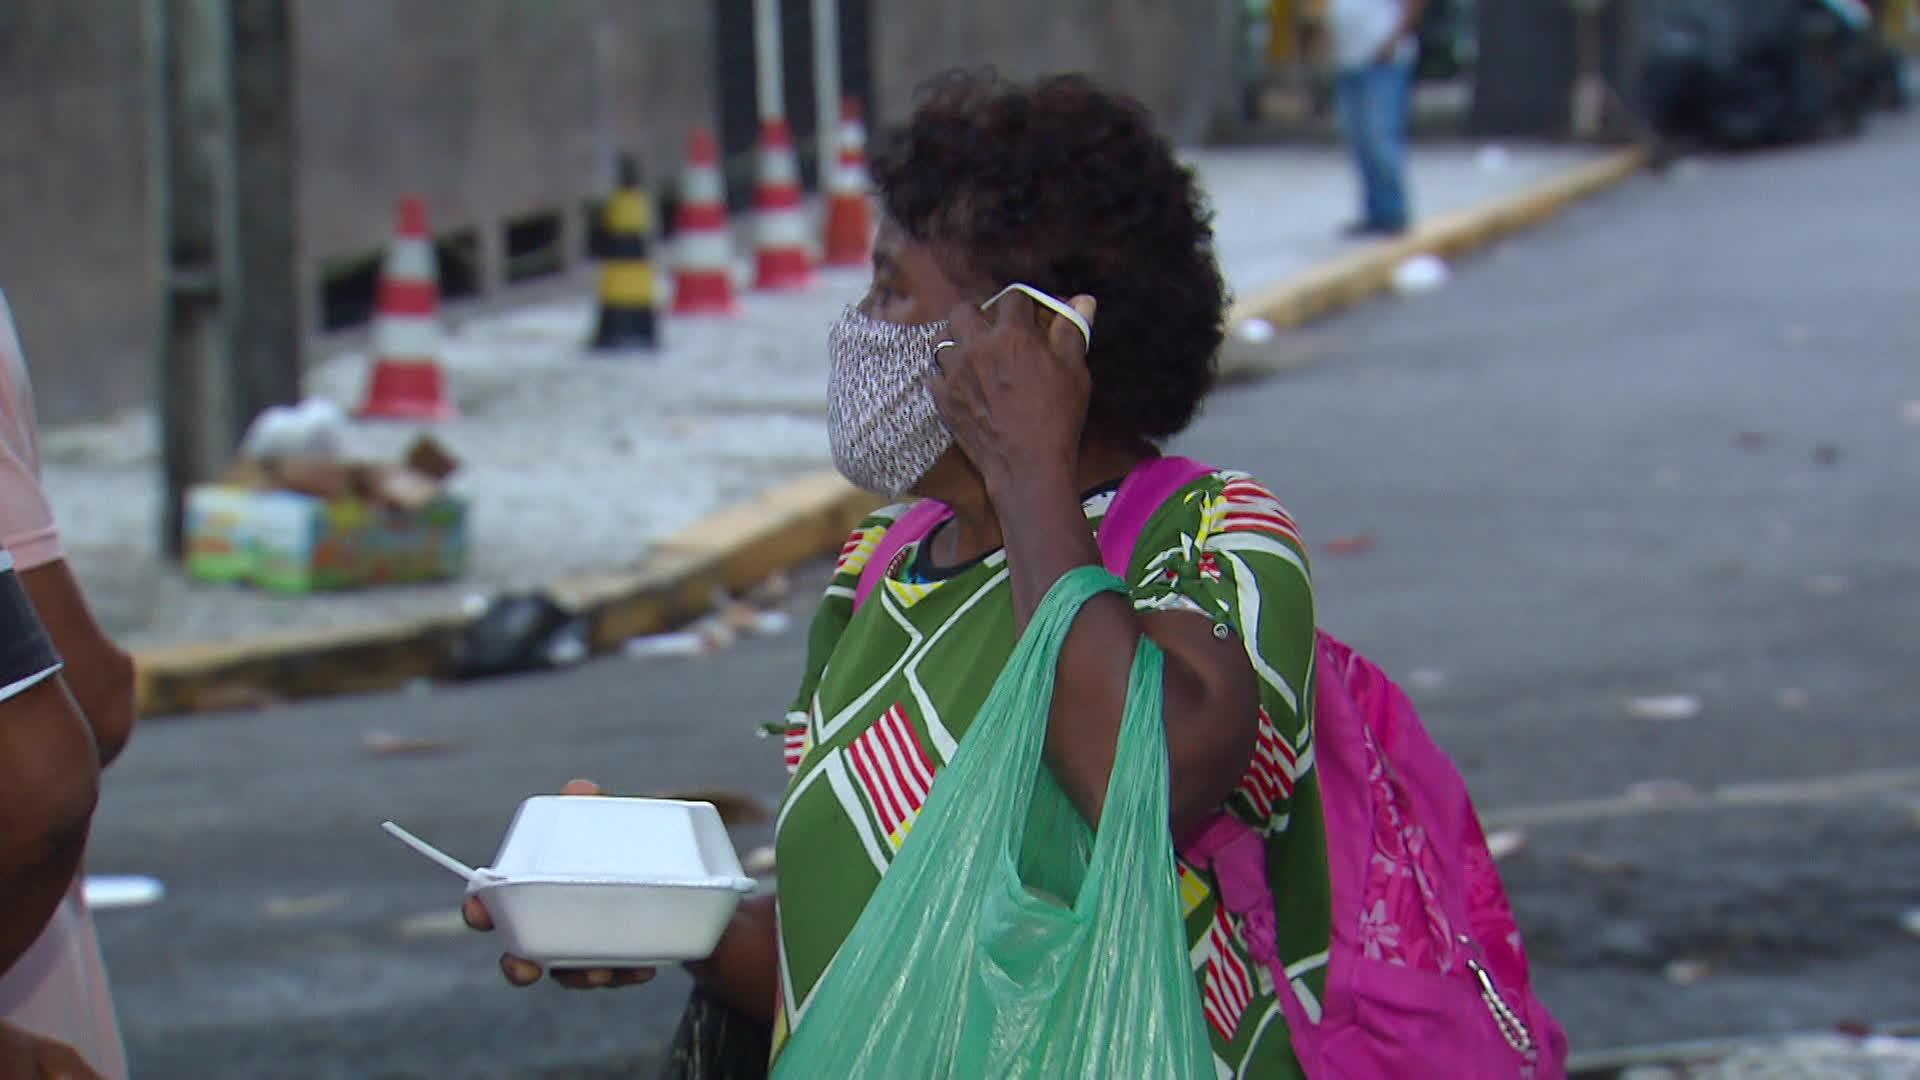 Auxílio Emergencial no Recife: saiba quem tem direito e como agendar para pegar cartão